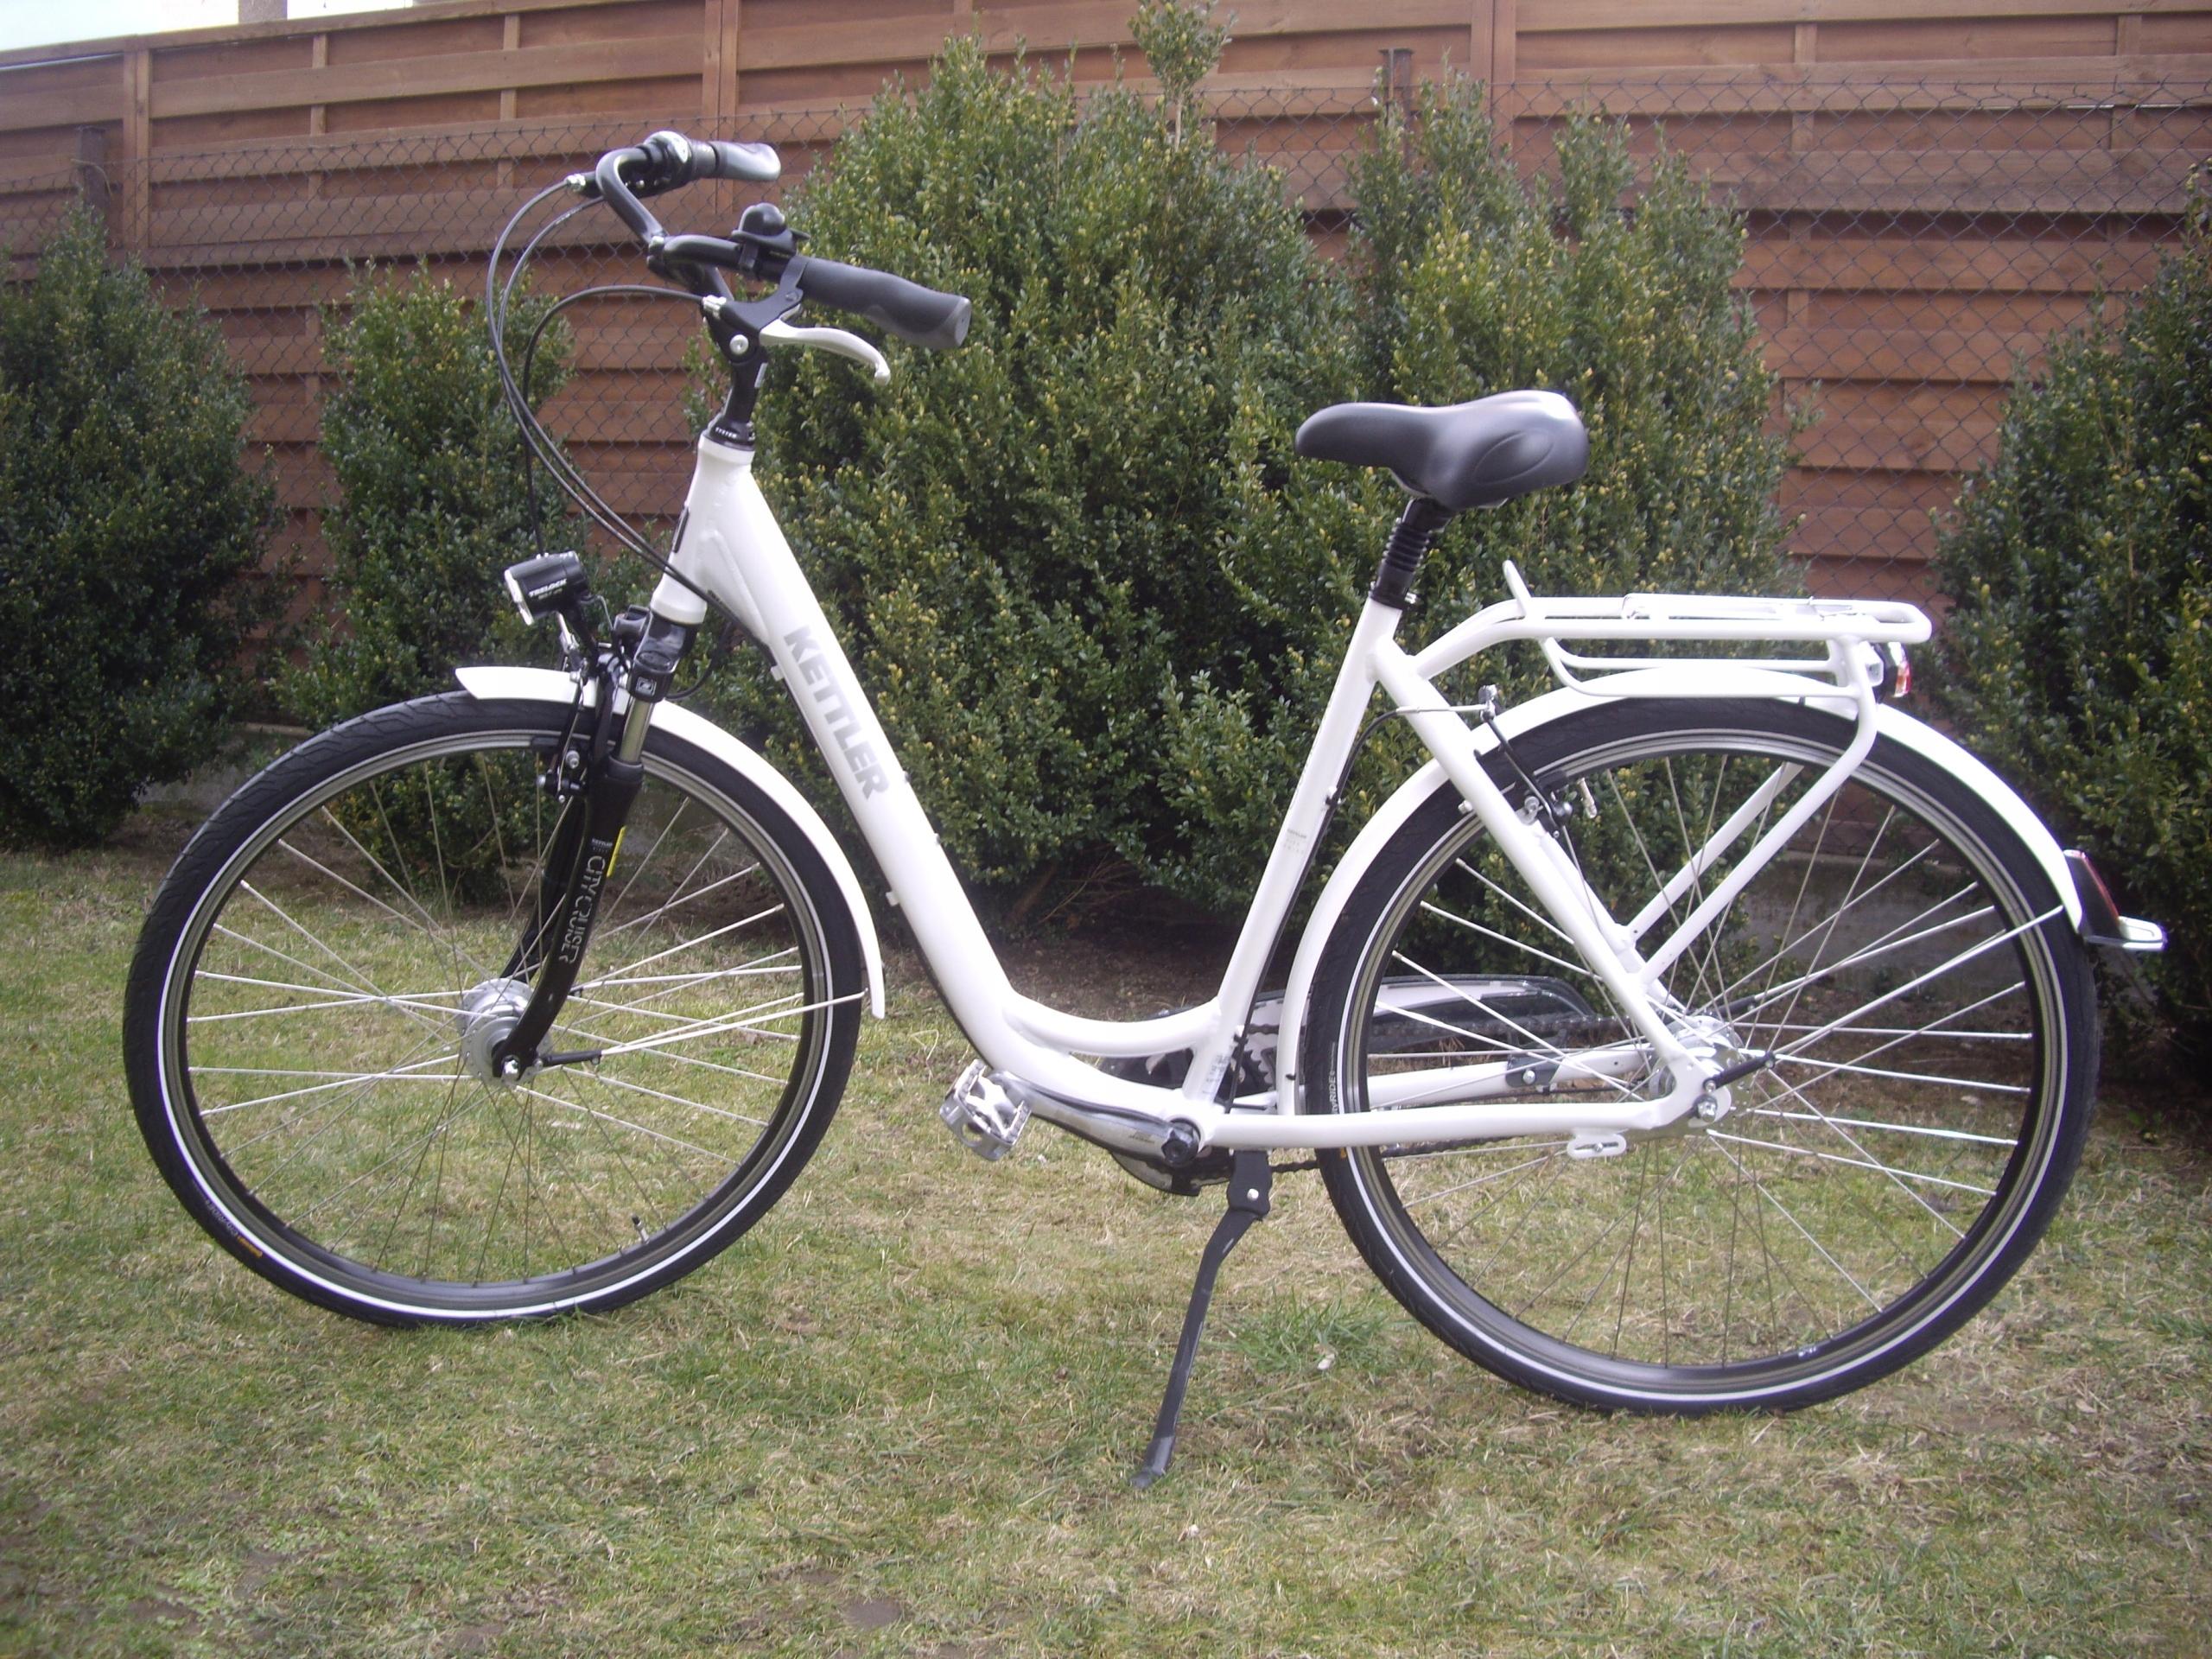 Rower DAMSKI - KETTLER - CITY CRUISER COMFORT - !!